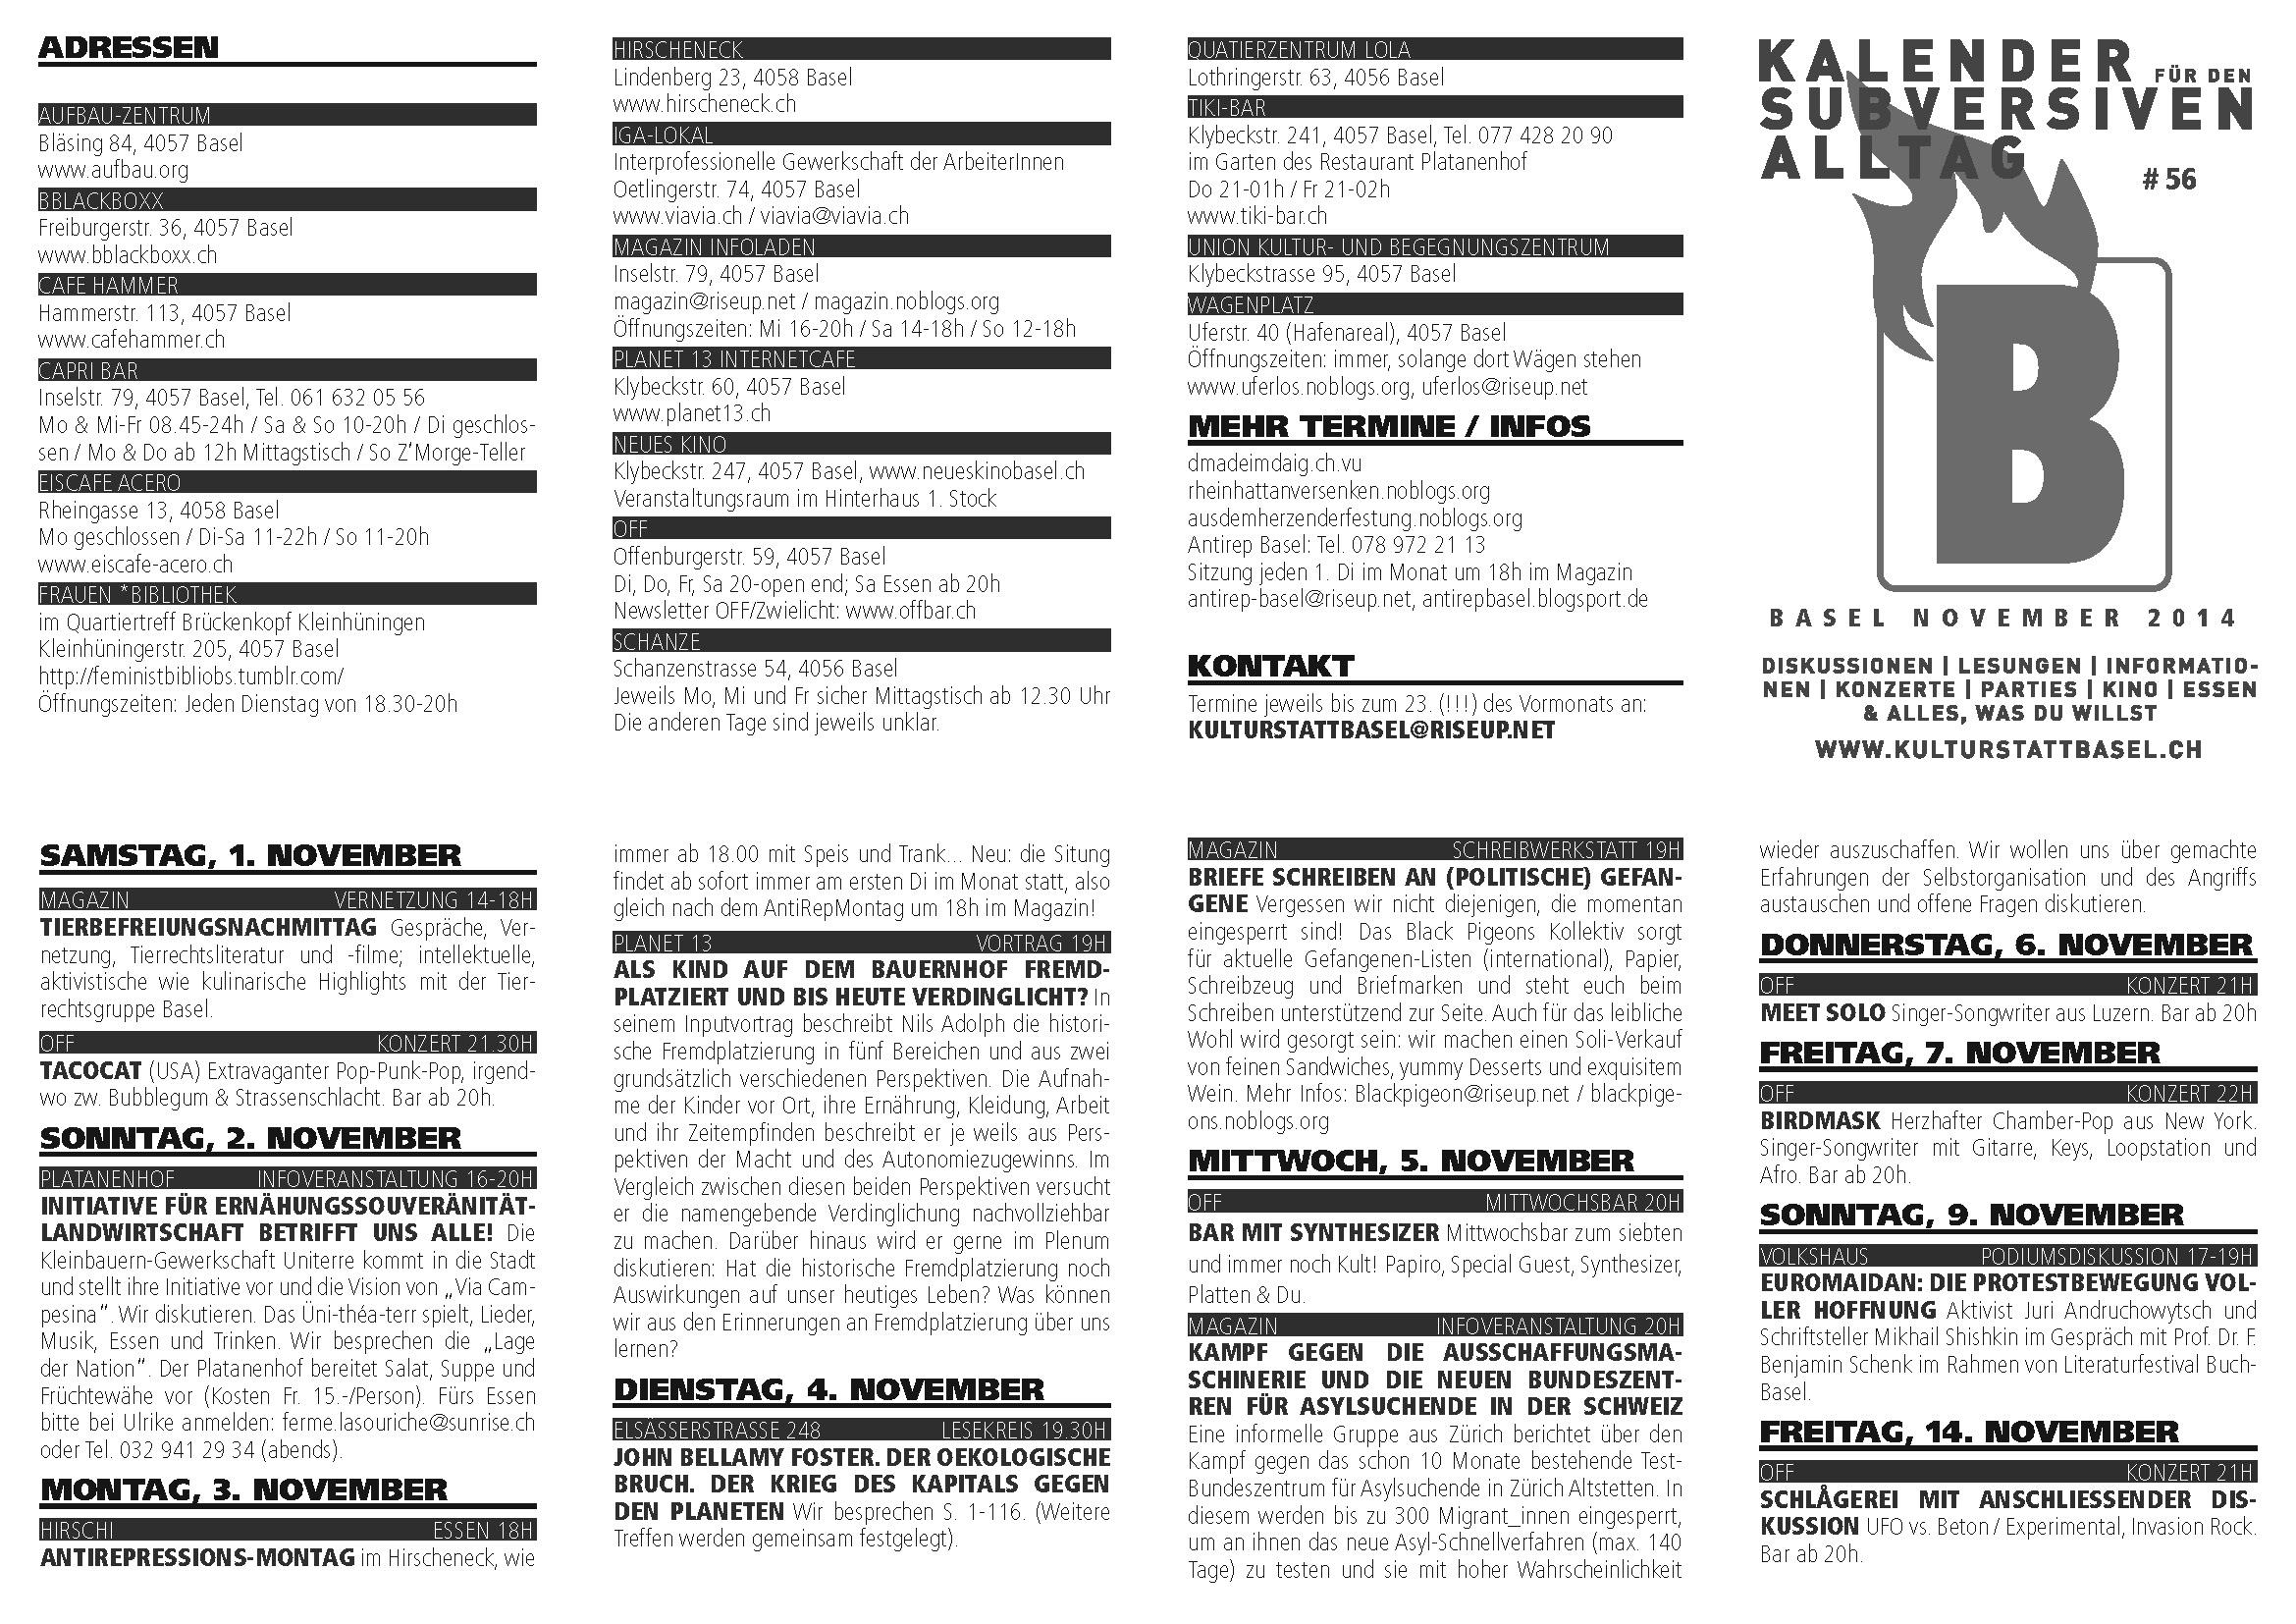 B: Kalender für den subversiven Alltag: Page 2